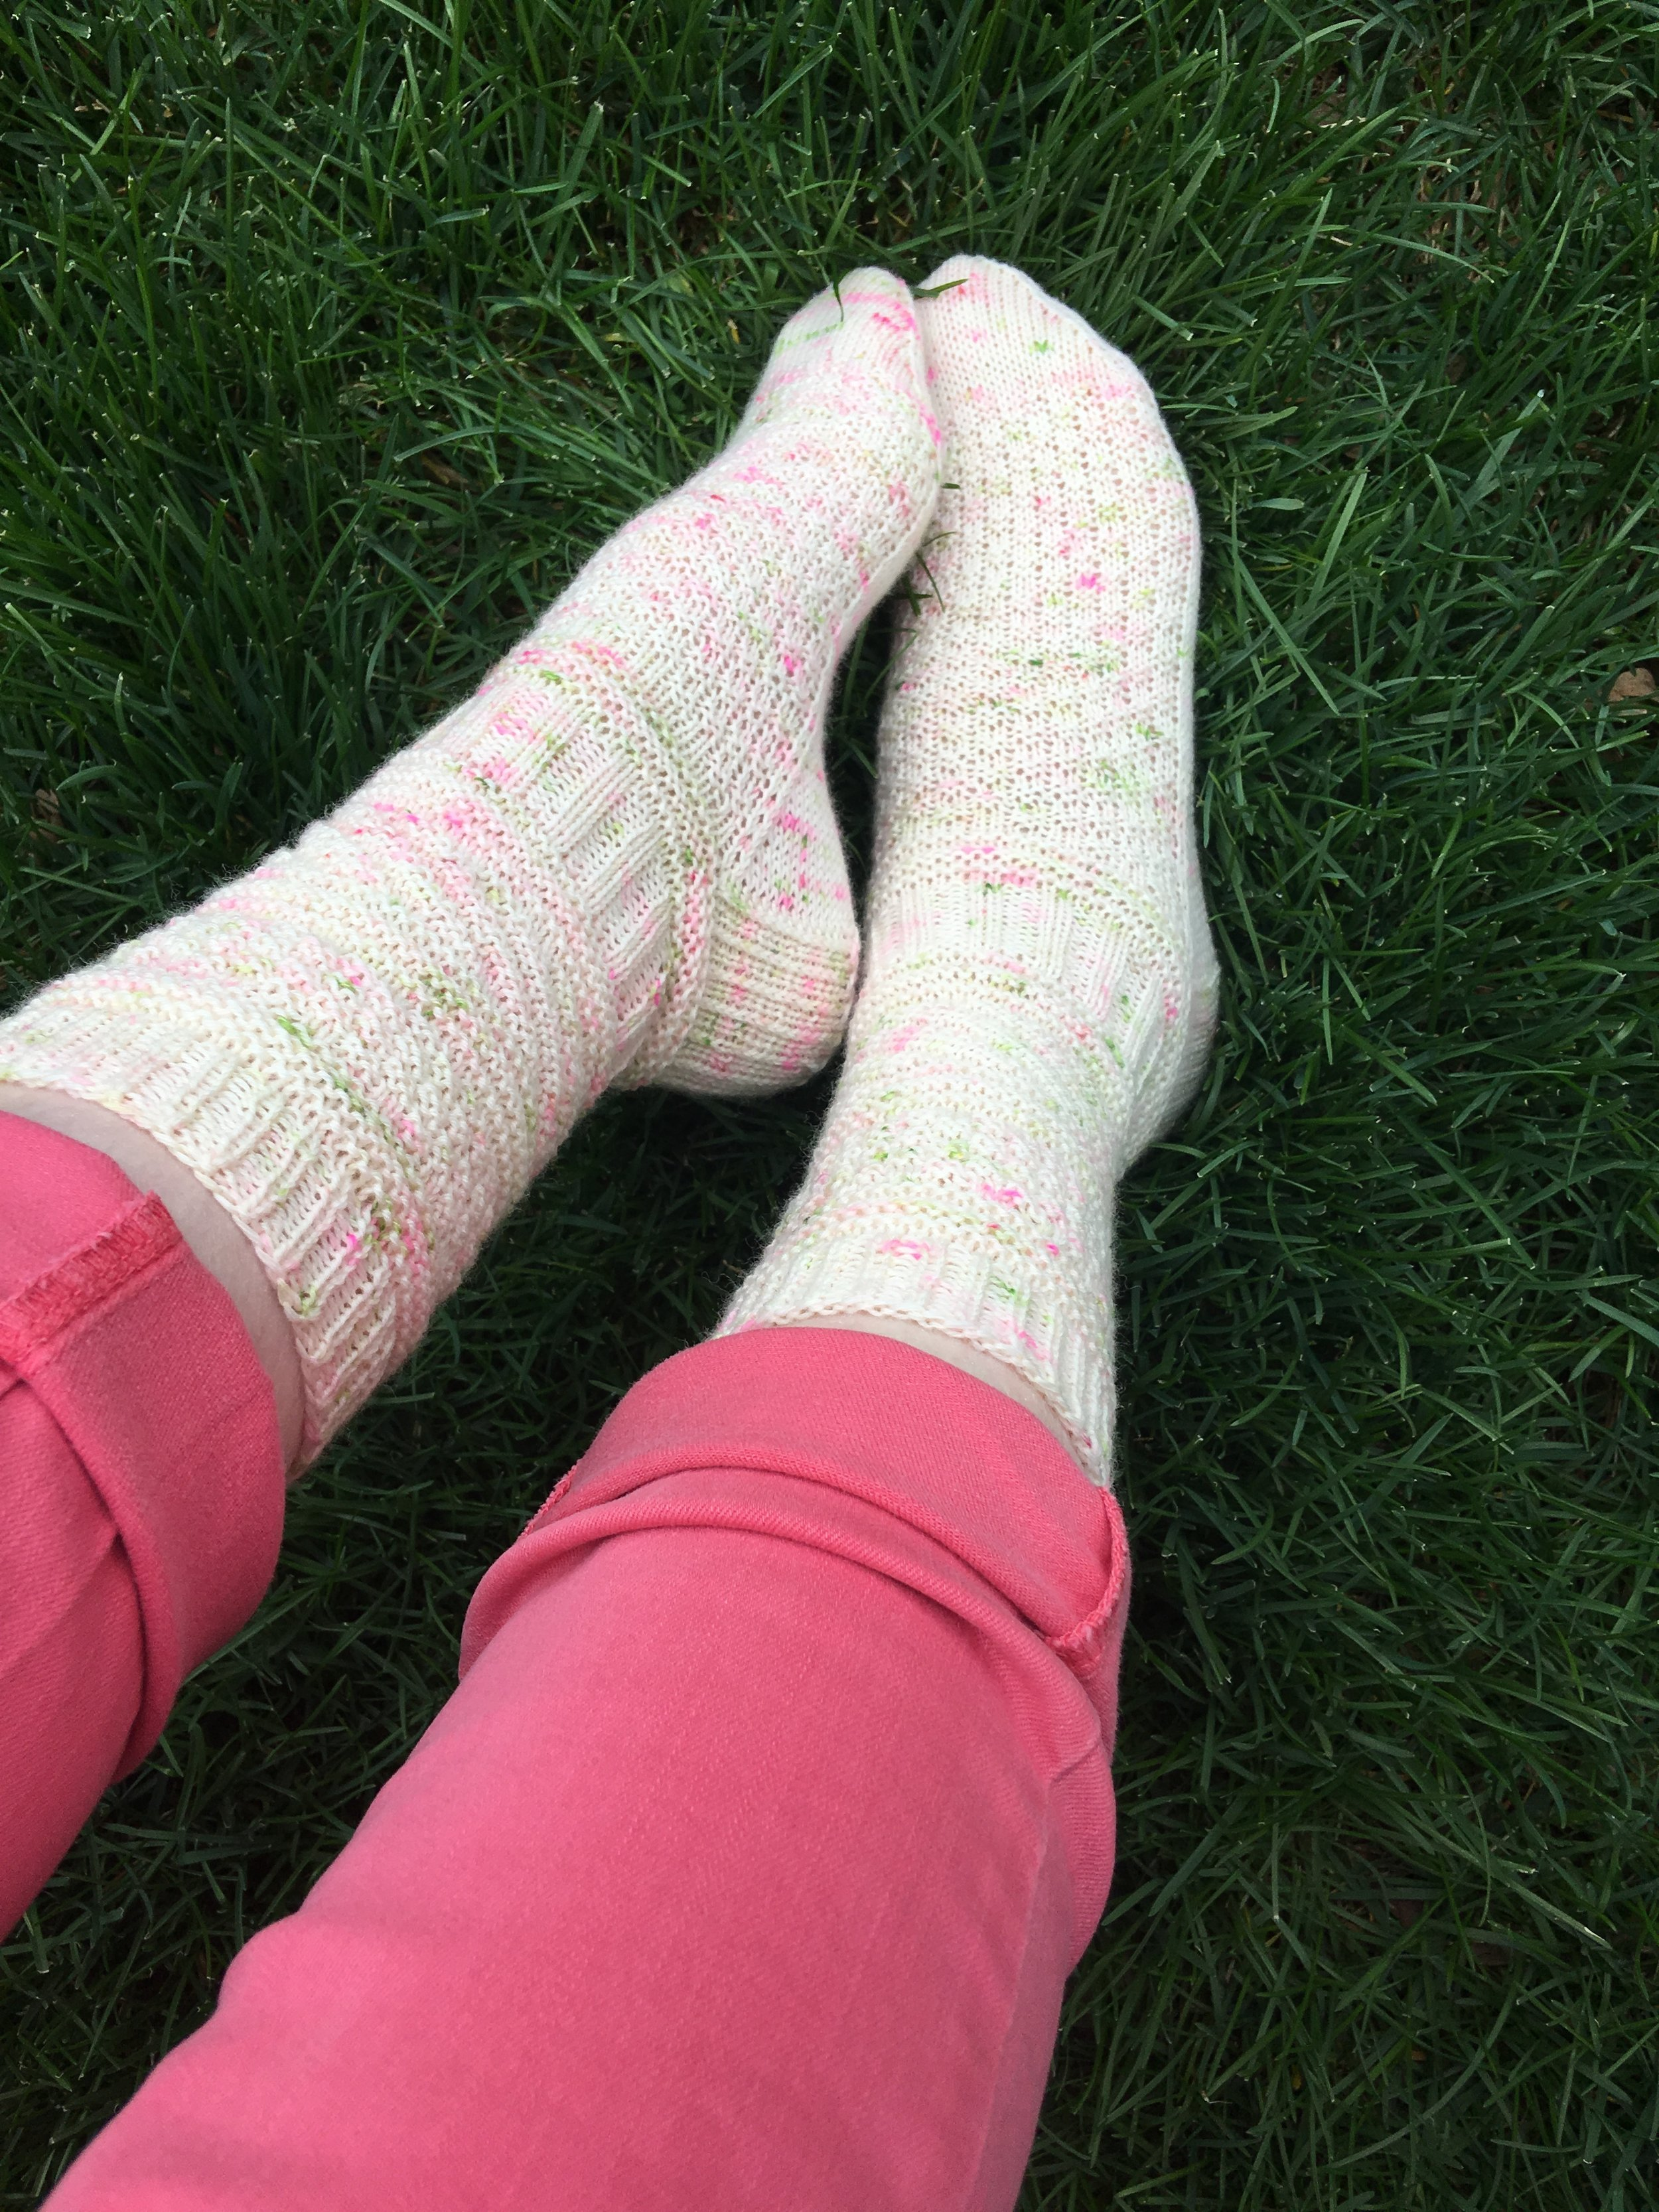 Textured socks.jpeg